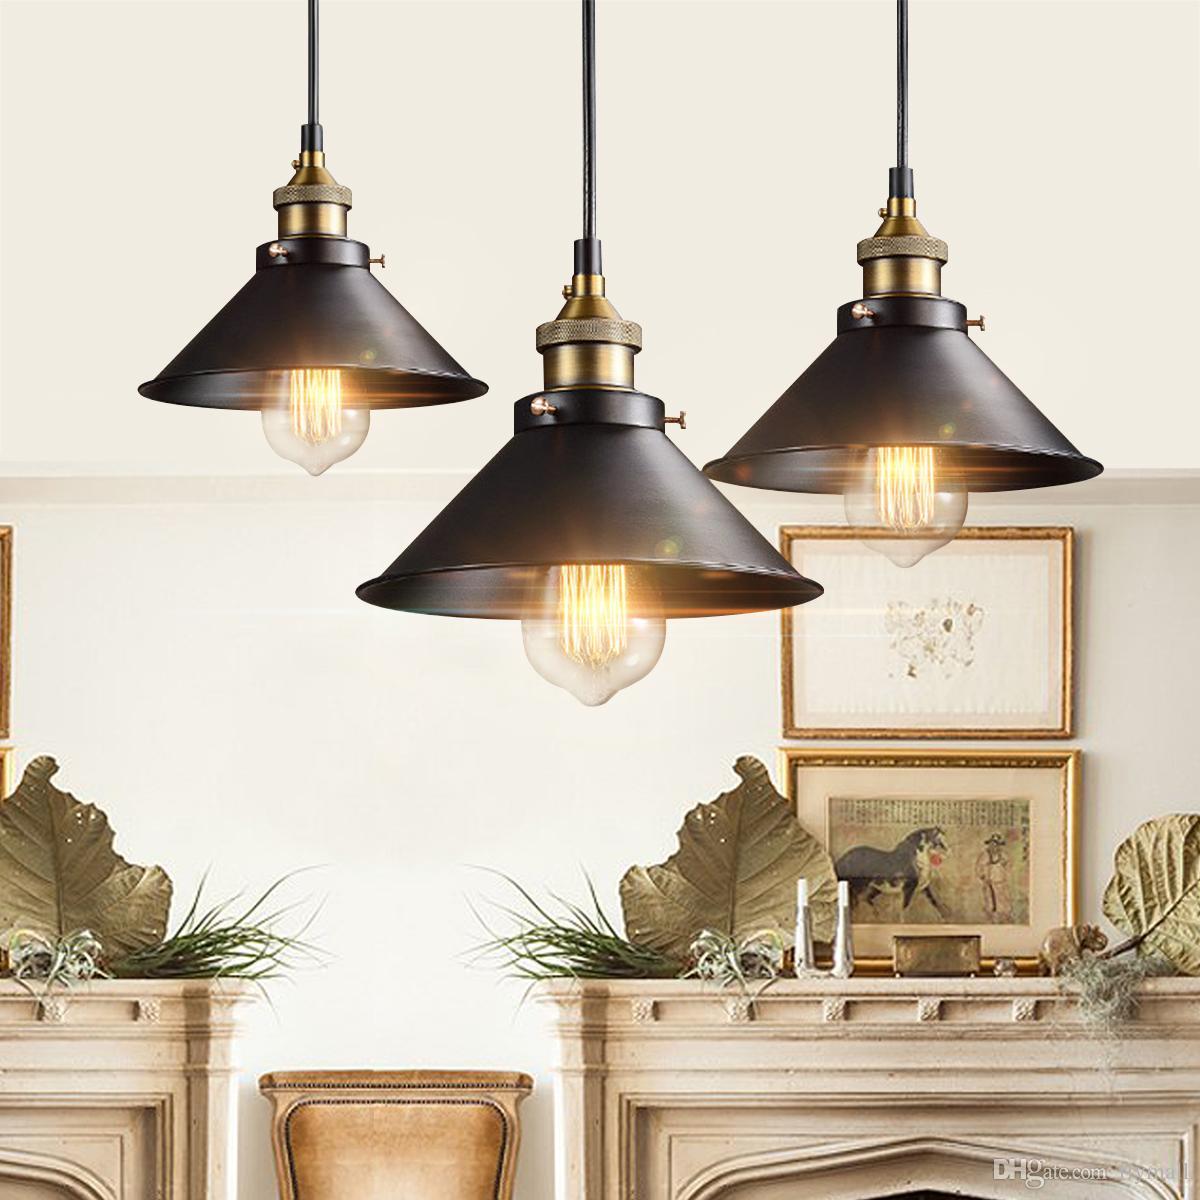 Full Size of Vintage Retro Lampe Industrial Led Küche Wohnzimmer Schlafzimmer Bad Bett Esstisch Wohnzimmer Vintage Deckenleuchte